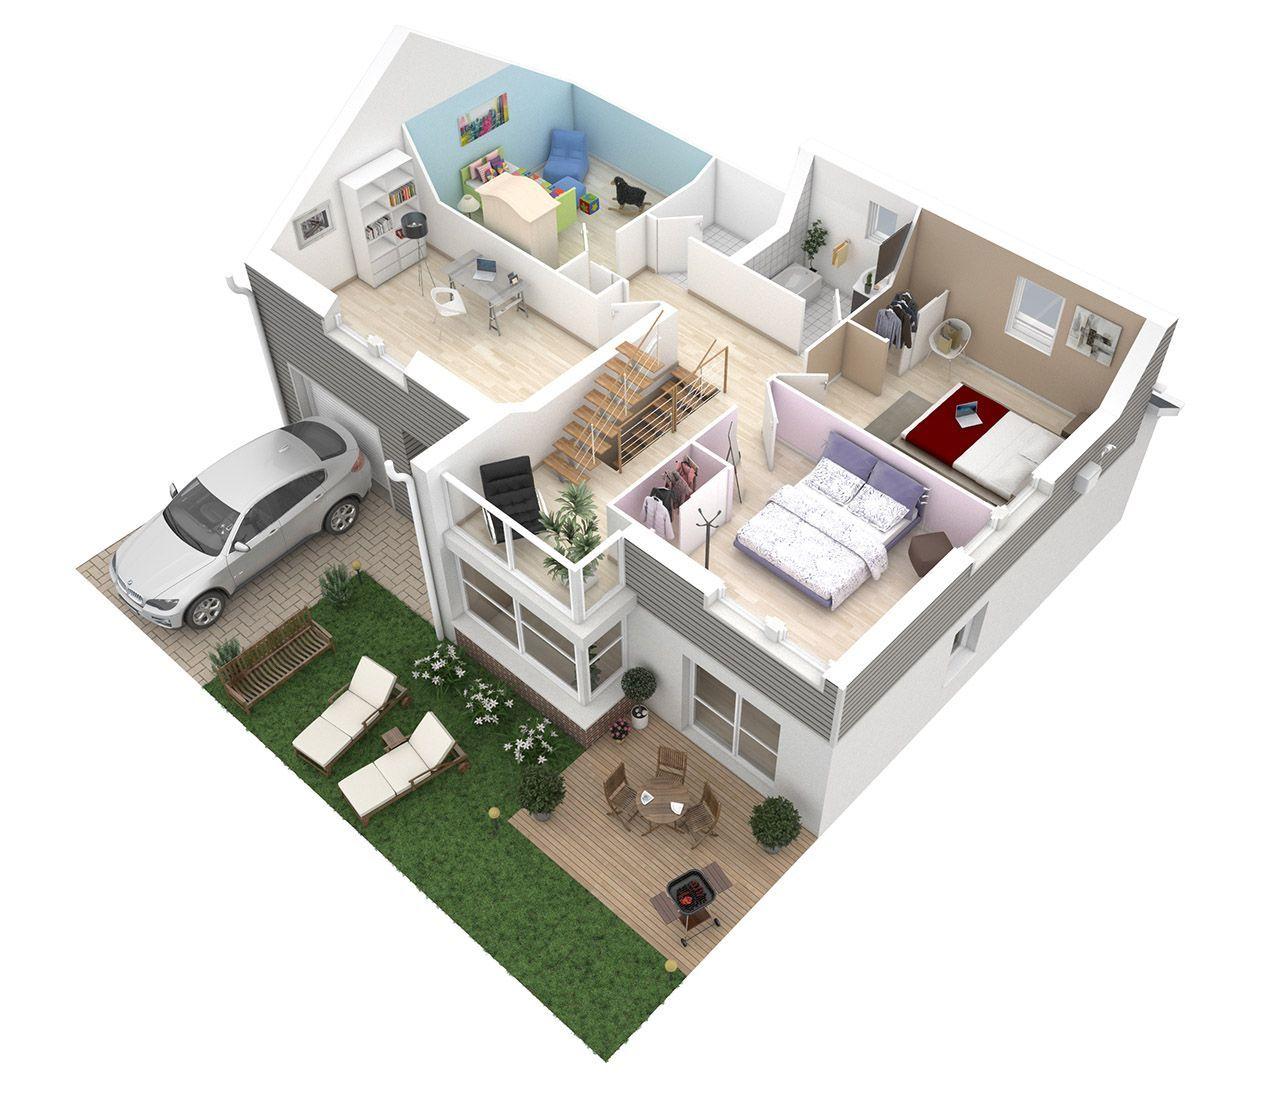 plan d'interieur de maison en 3d